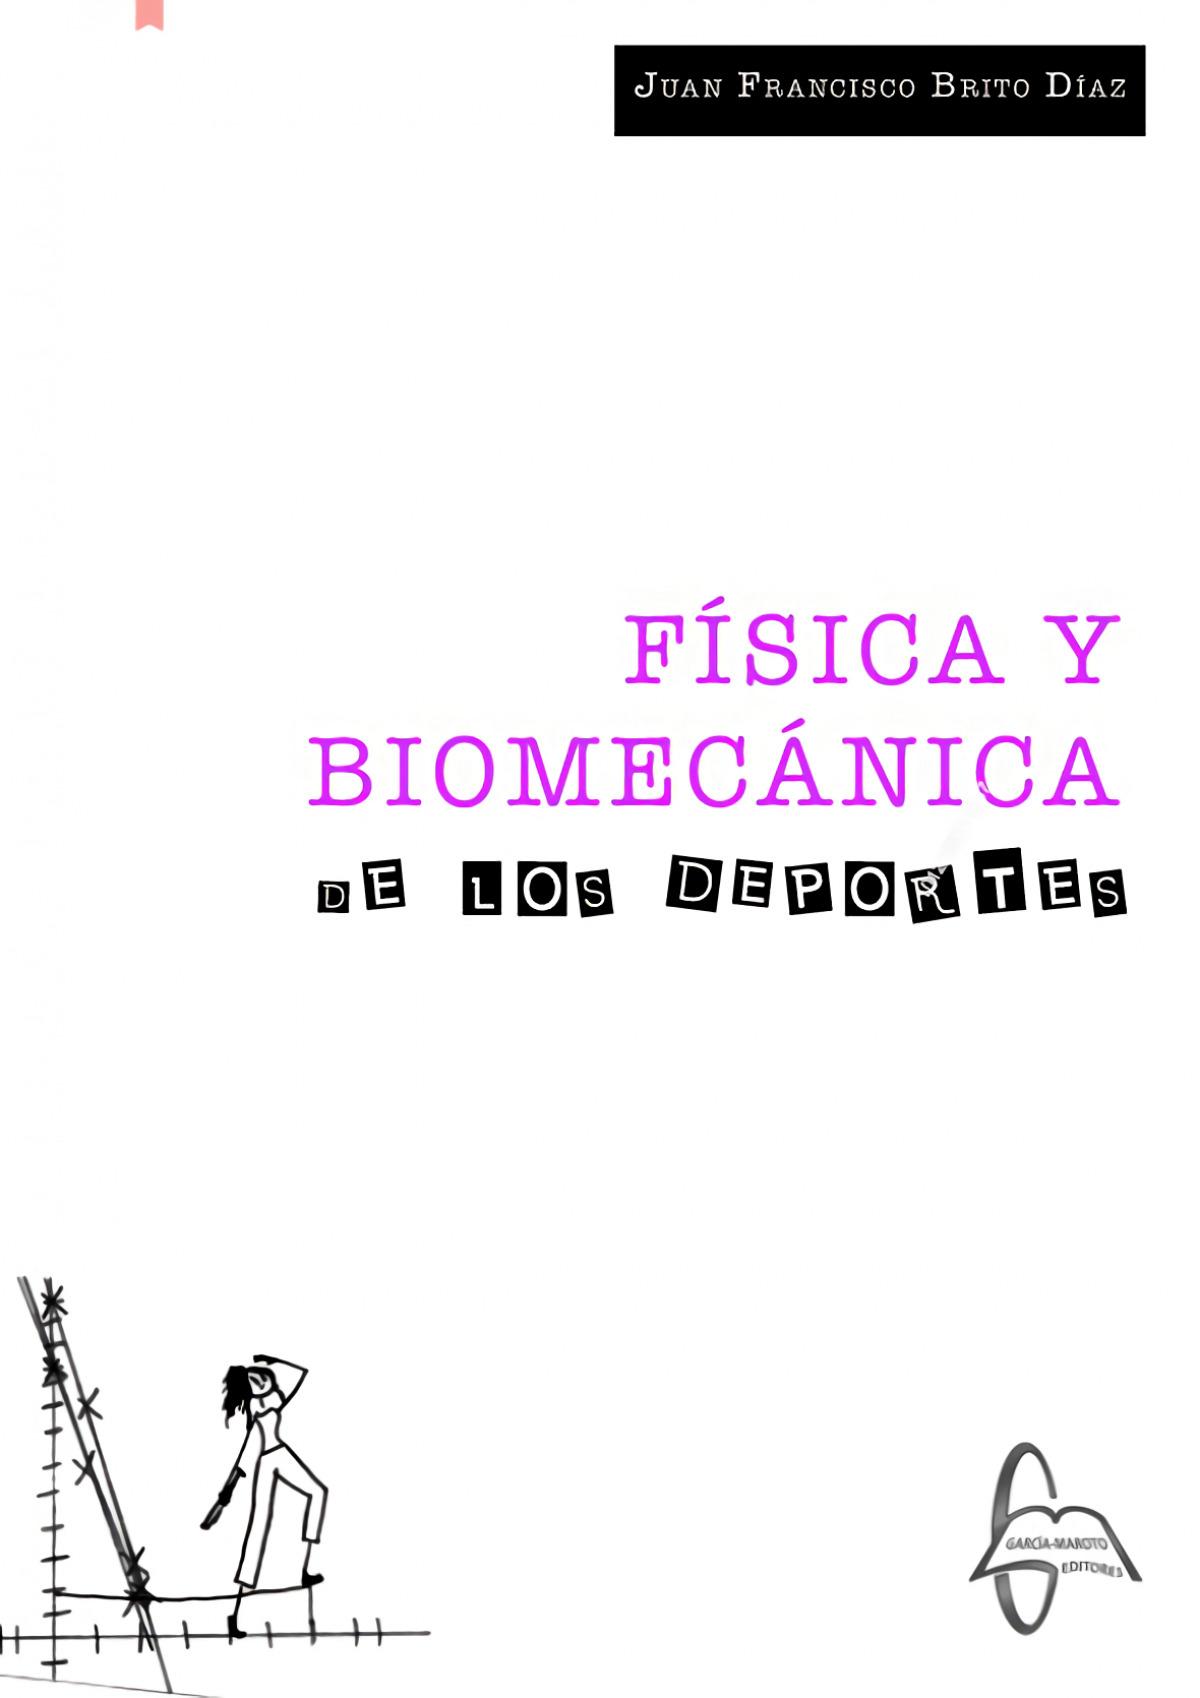 FISICA Y BIOMECANICA DE LOS DEPORTES